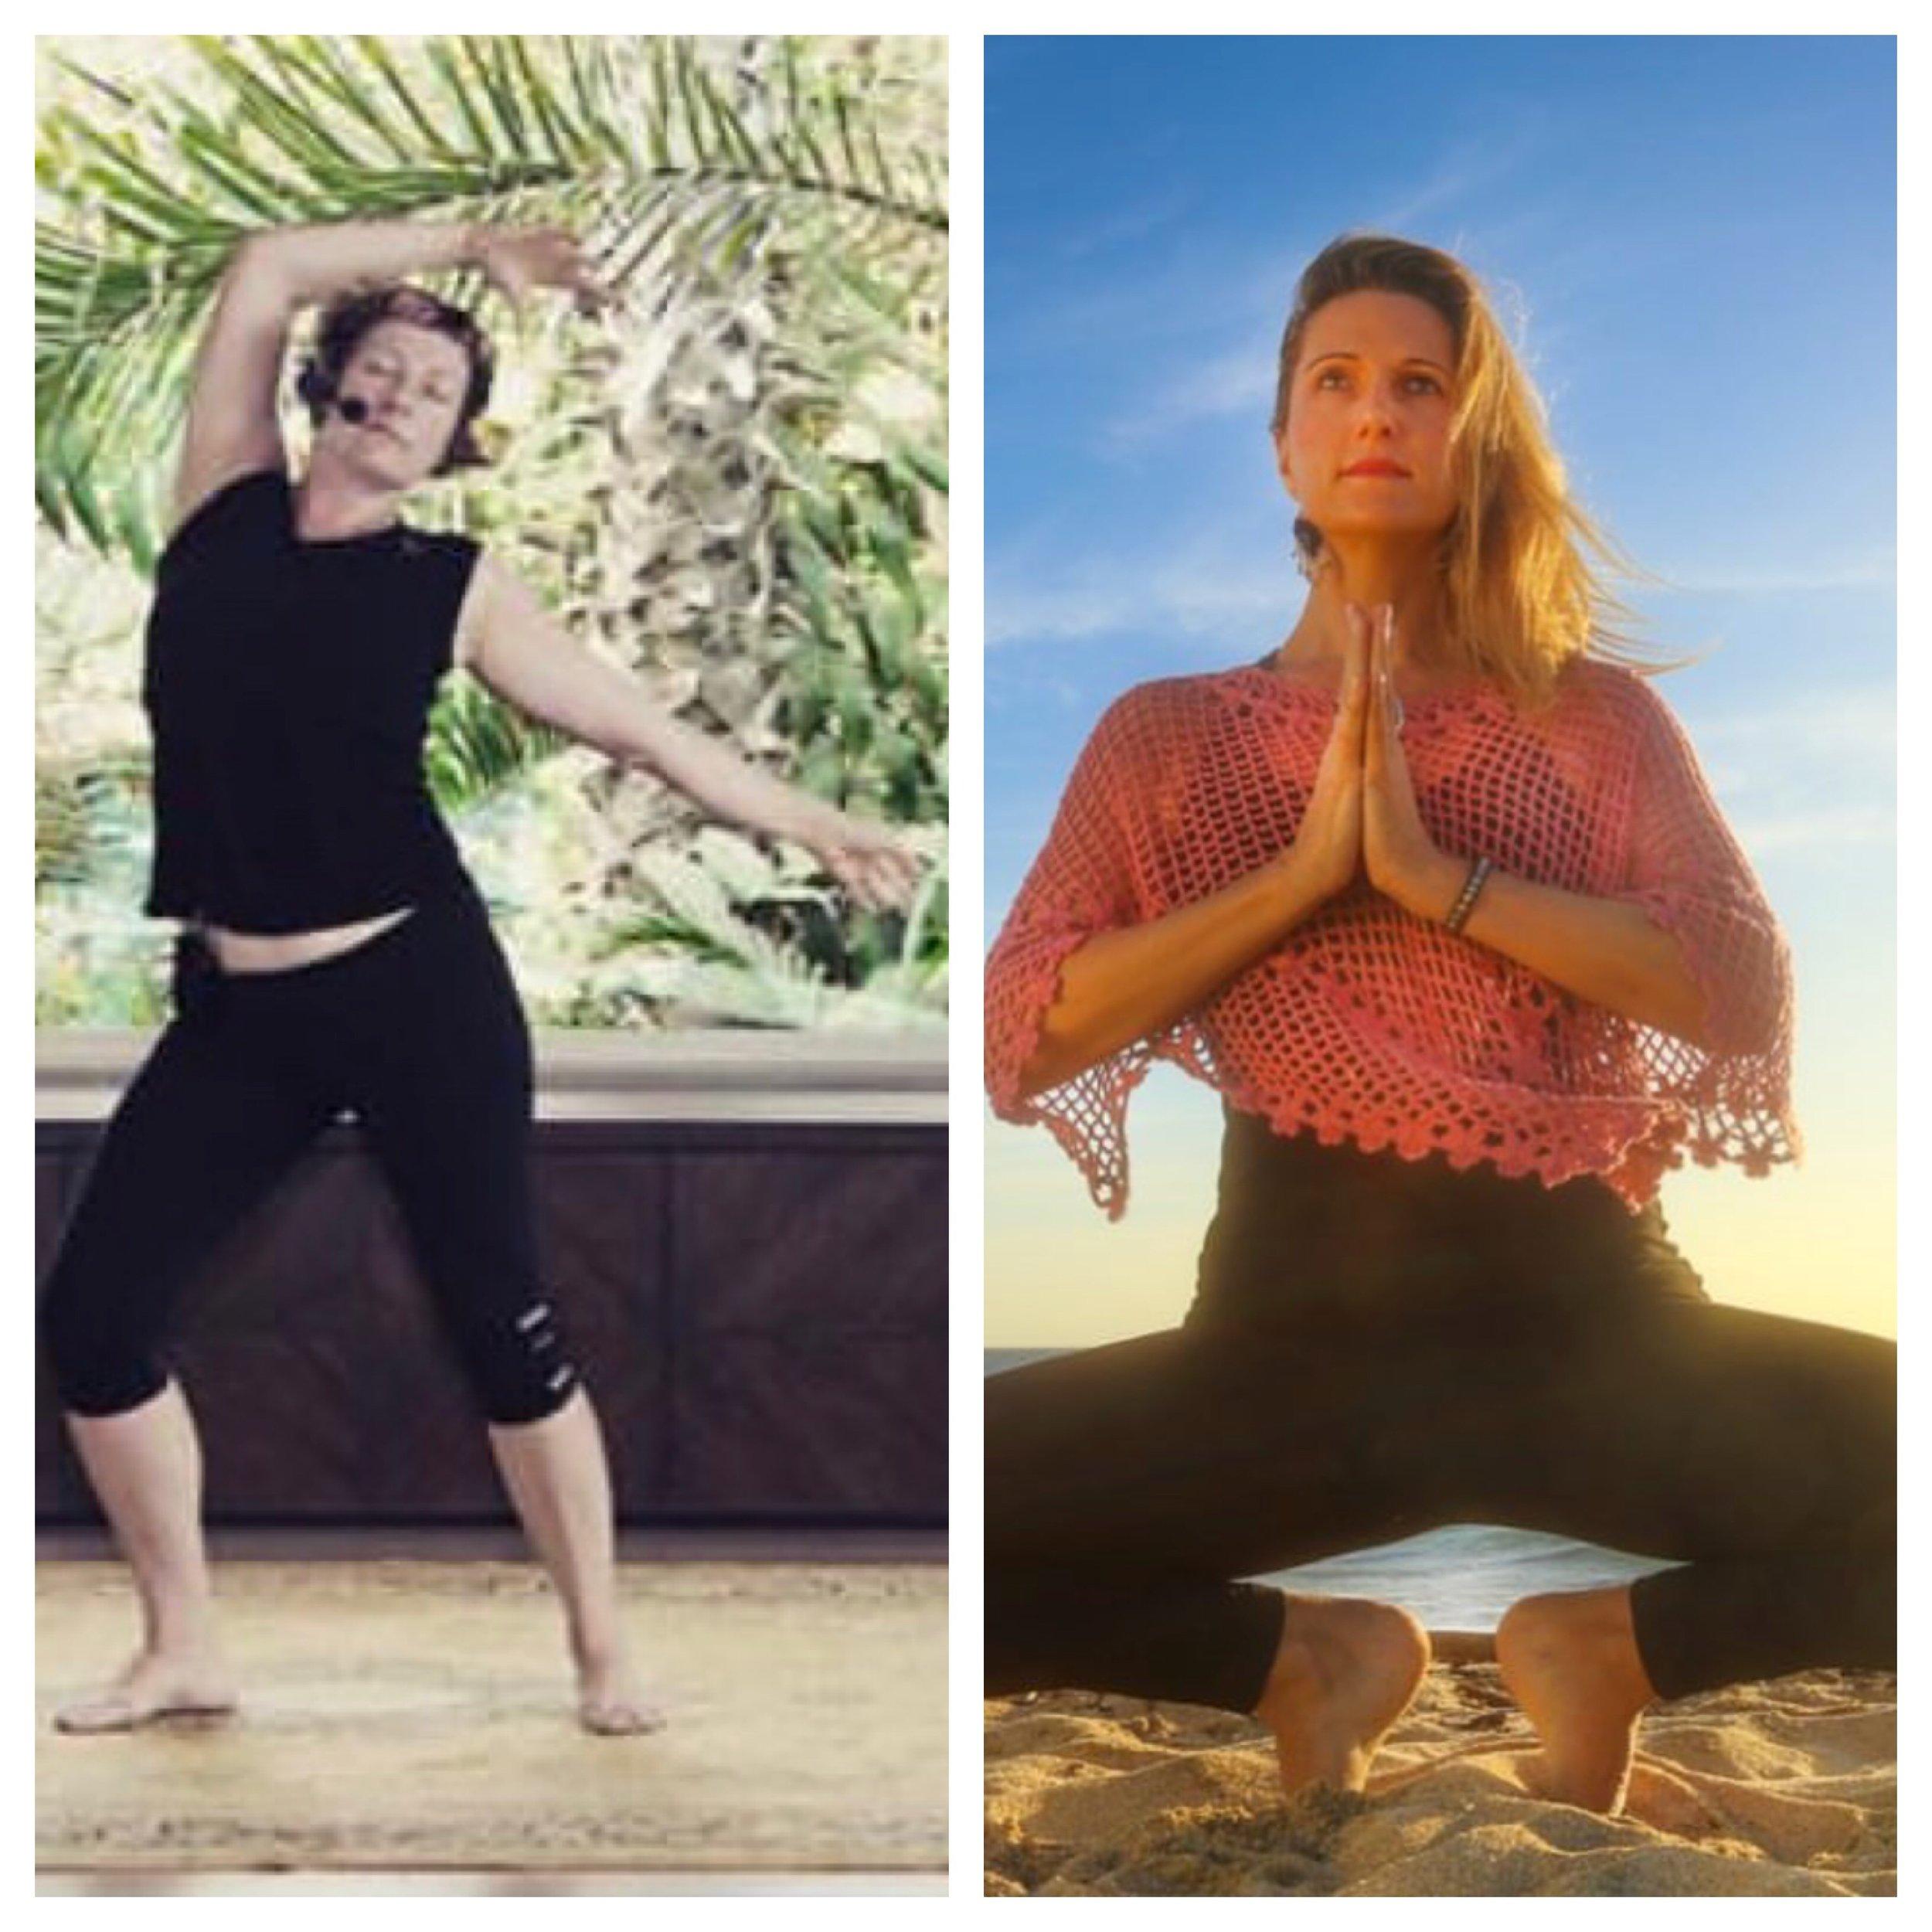 MARIMAR HIGGINS Y ZOË DEARBORN - MEDITACIÓN, YOGA Y MOVIMIENTOEsta clase híbrida combina asanas de yoga con el movimiento libre a medida que la energía lentamente se intensifica a una juguetona y divertida fiesta de baile. La experiencia completa es realzada por una lista de reproducción de música evocadora.La clase empieza con una meditación relajante con un énfasis sobre la conciencia mente-cuerpo y la respiración consciente. Con Marimar y Zoë como sus guías, sus sentidos despertarán mientras que usted se transformará gradualmente desde un estado de conciencia interior a una expresión creativa a través del baile.